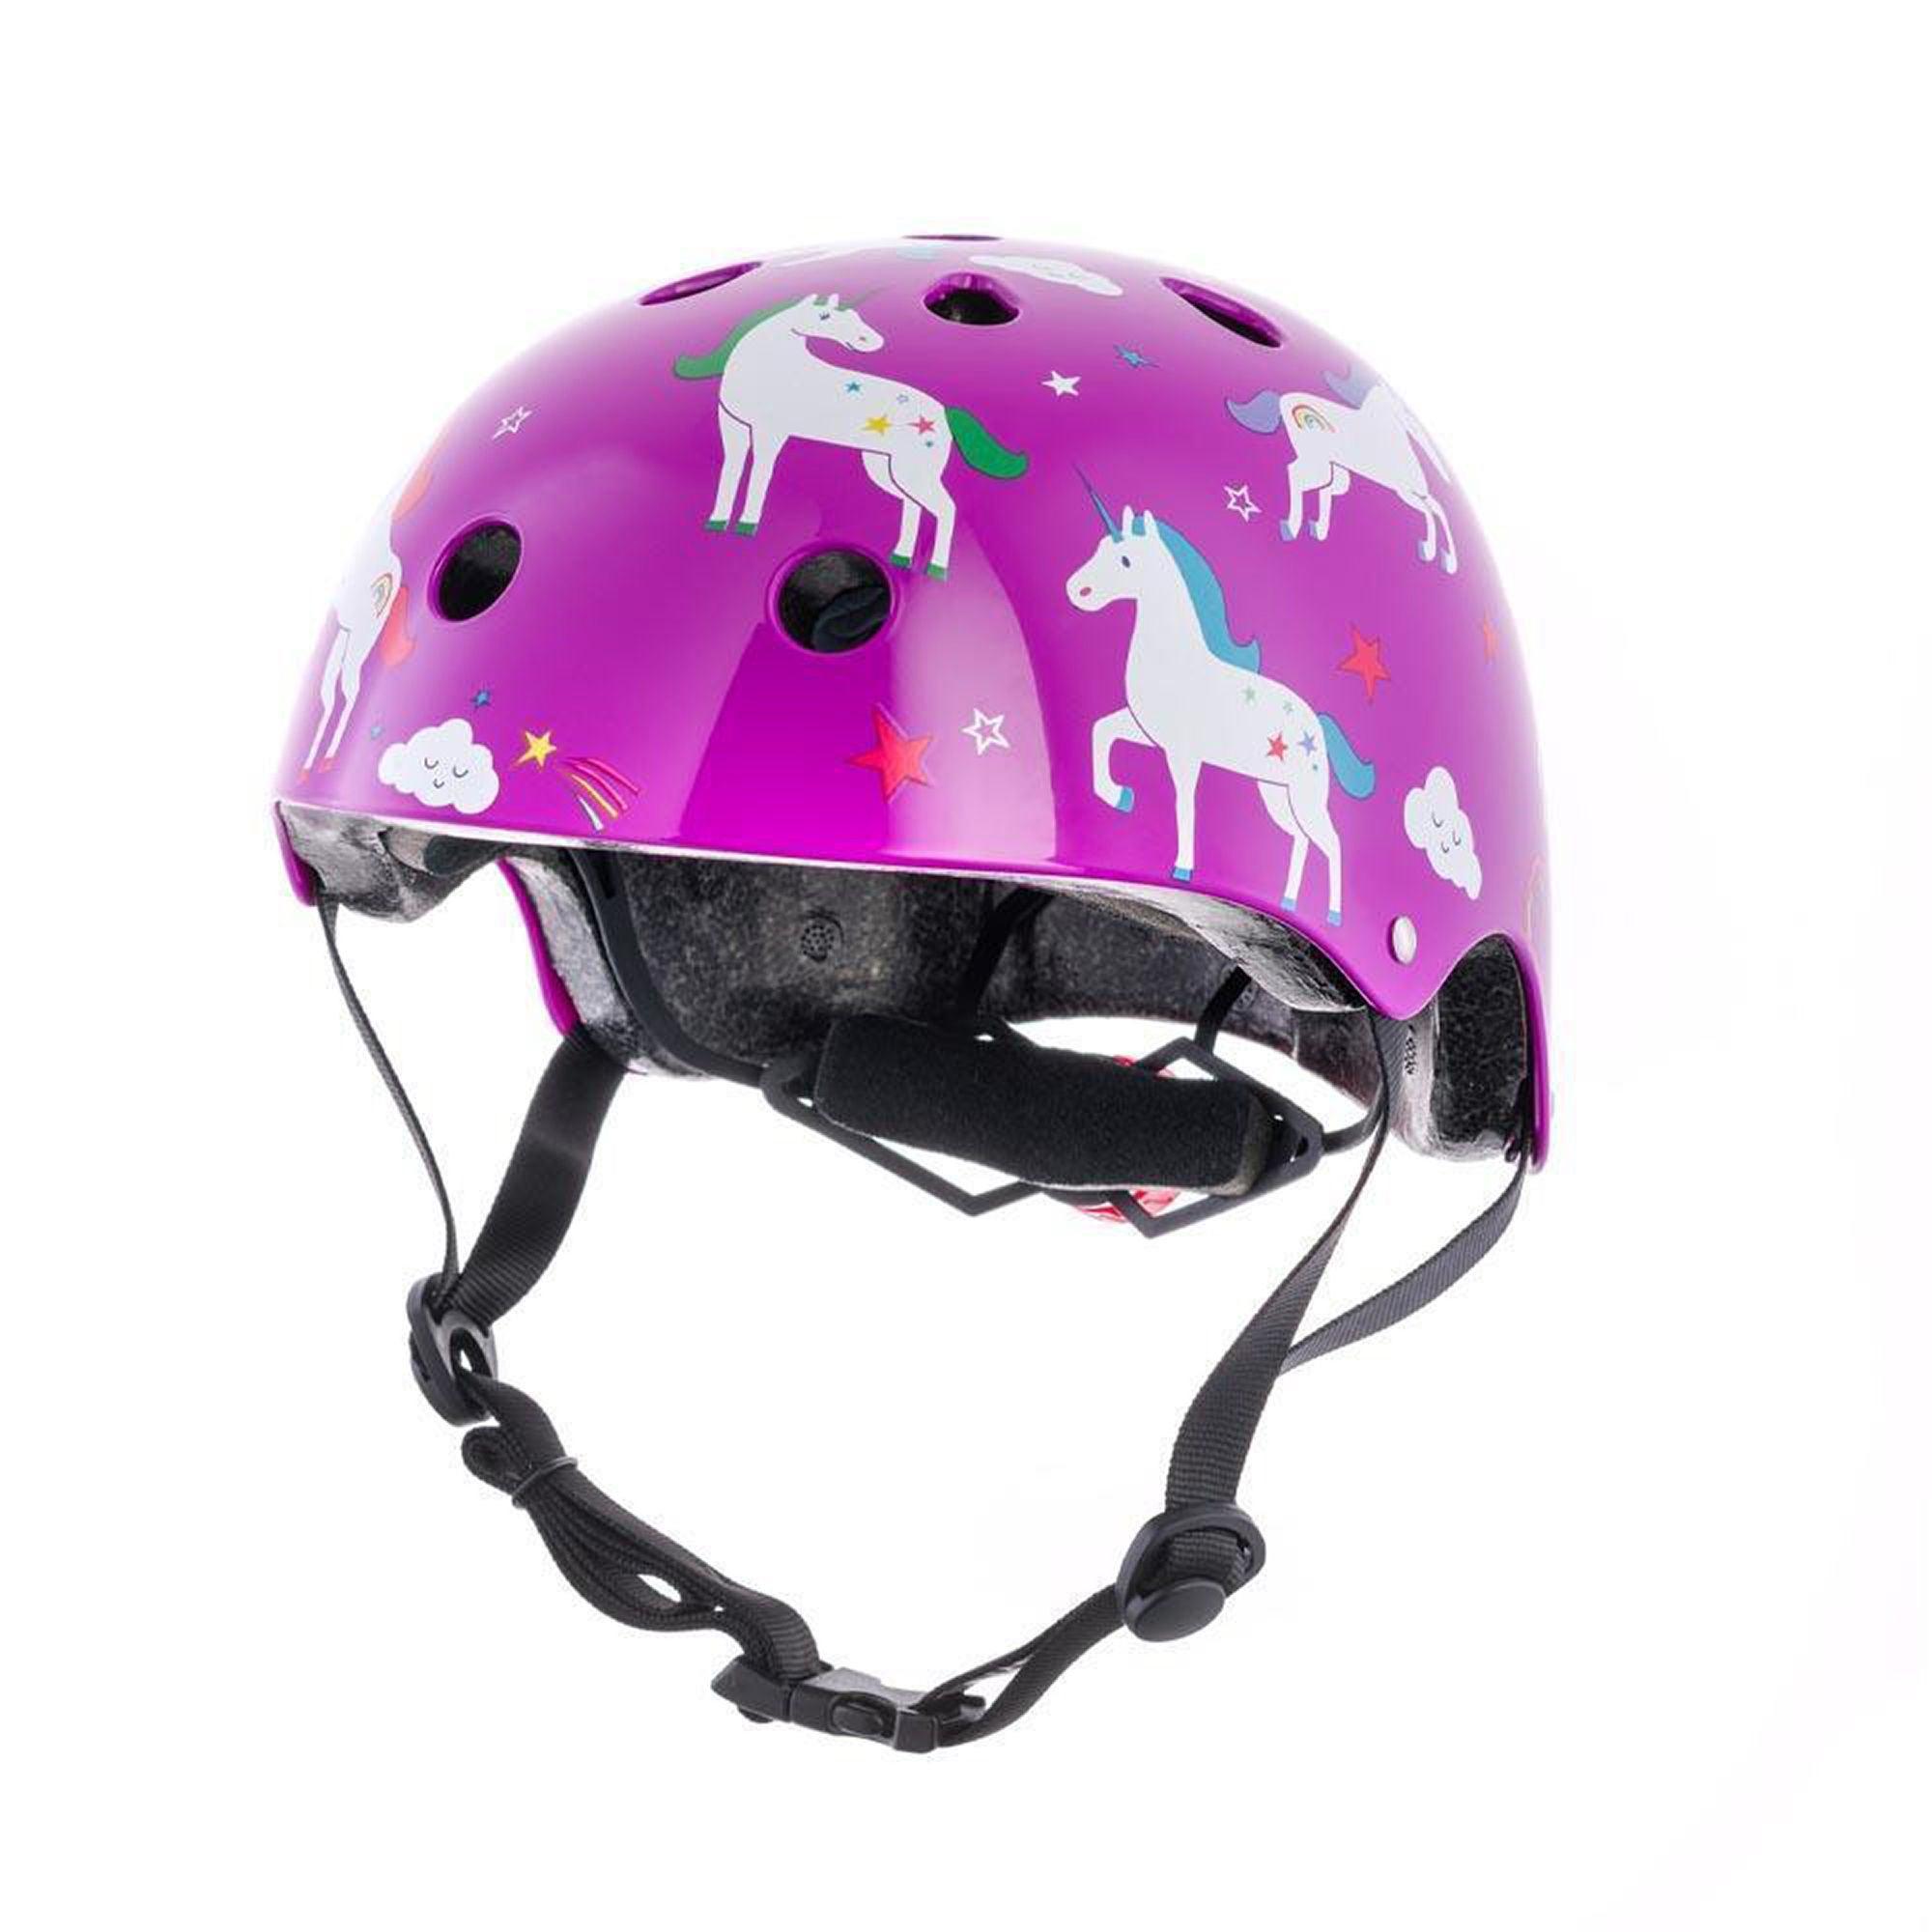 Hornit Unicorn Cykelhjälm 53-58 Cm, Lila